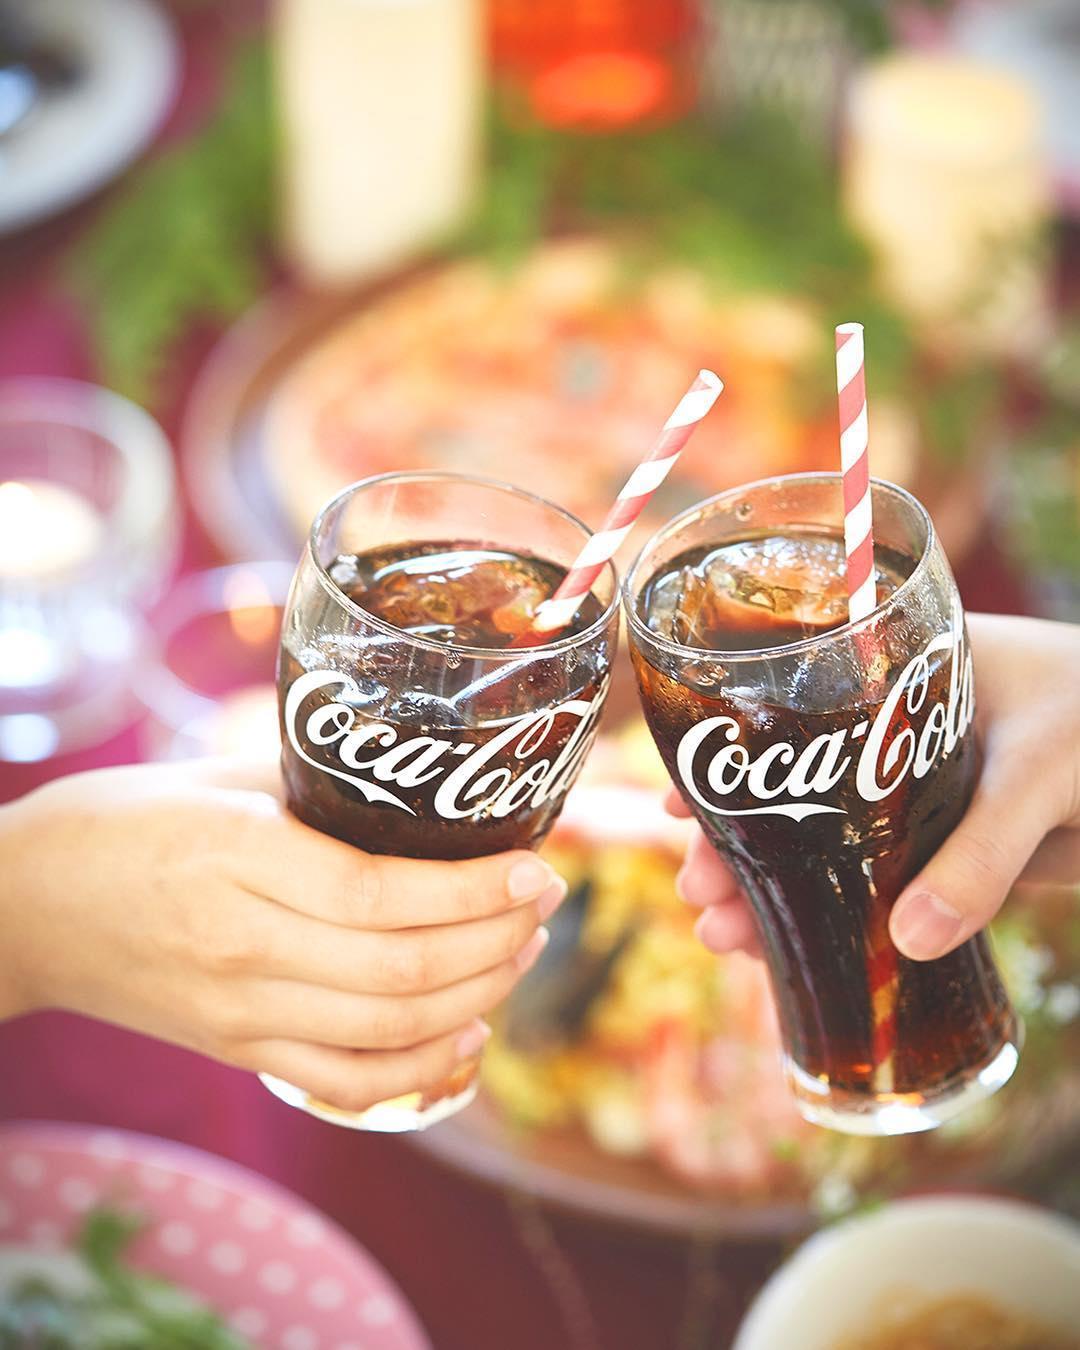 コカ・コーラで乾杯しているイメージ画像